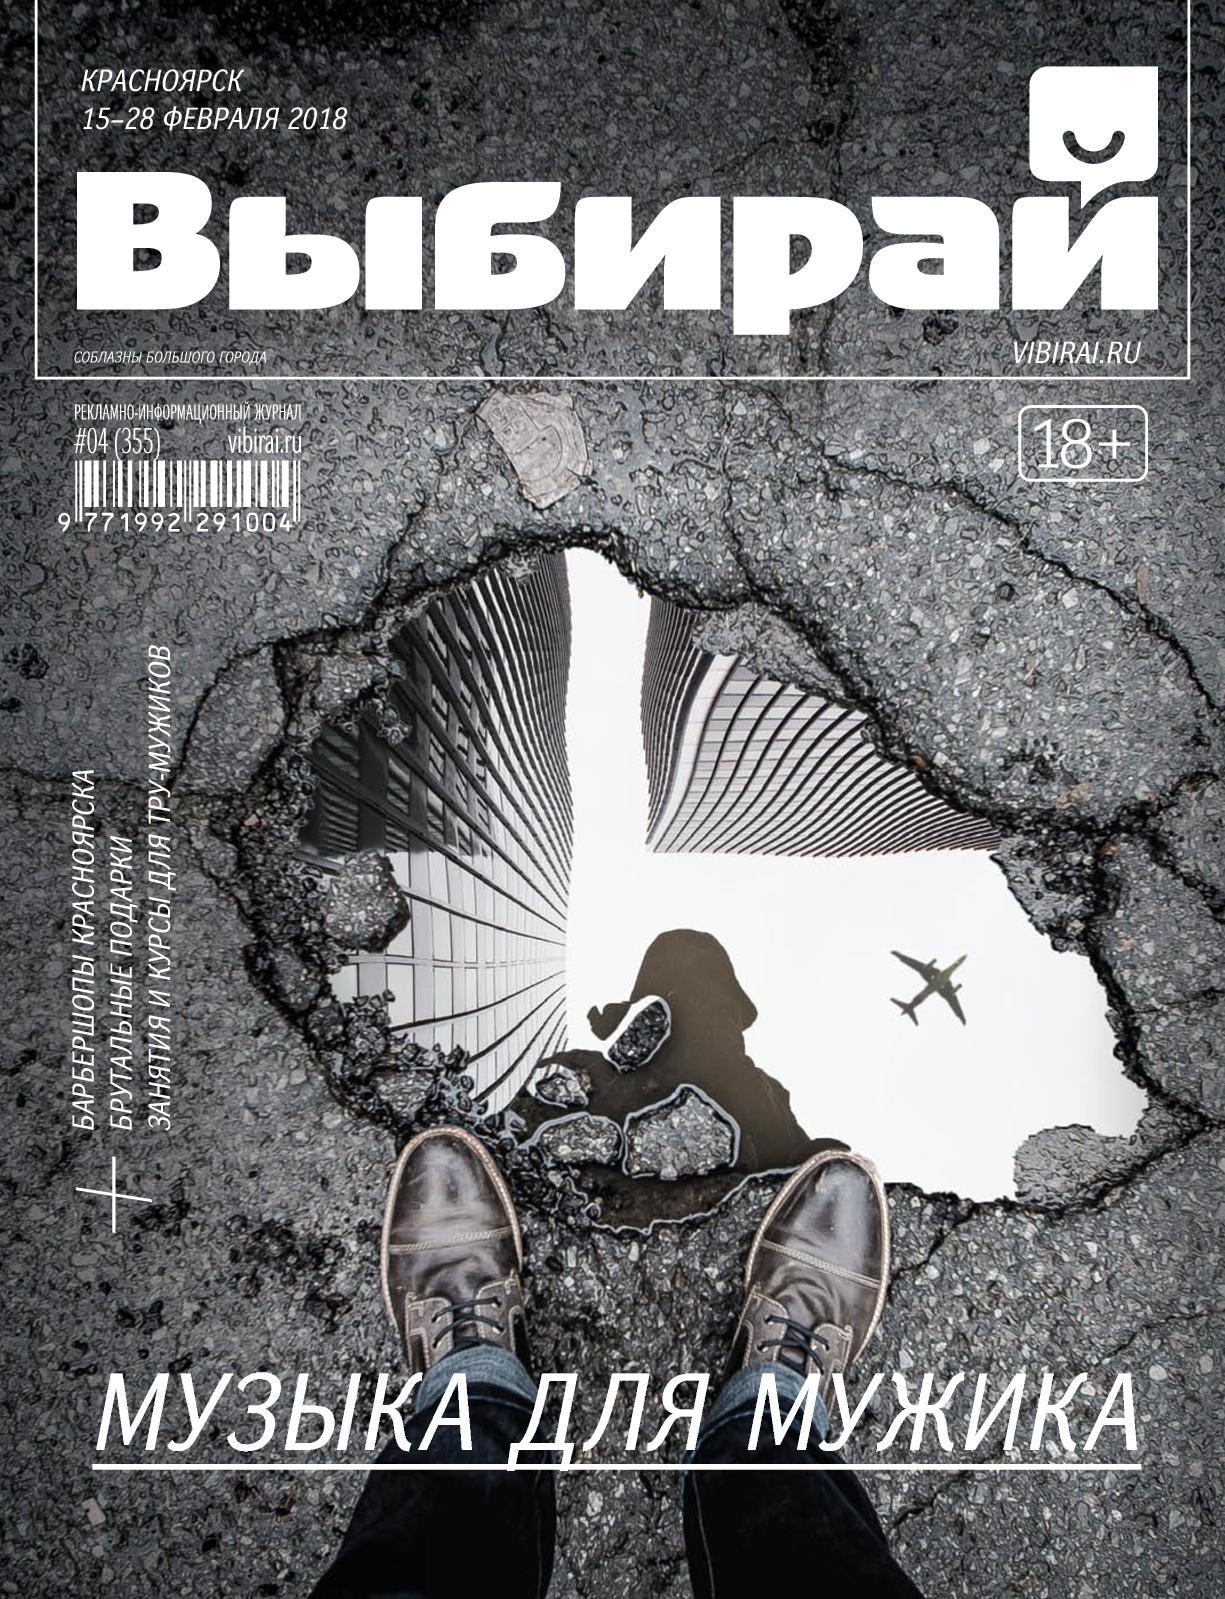 Выбирай 04(355) Красноярск